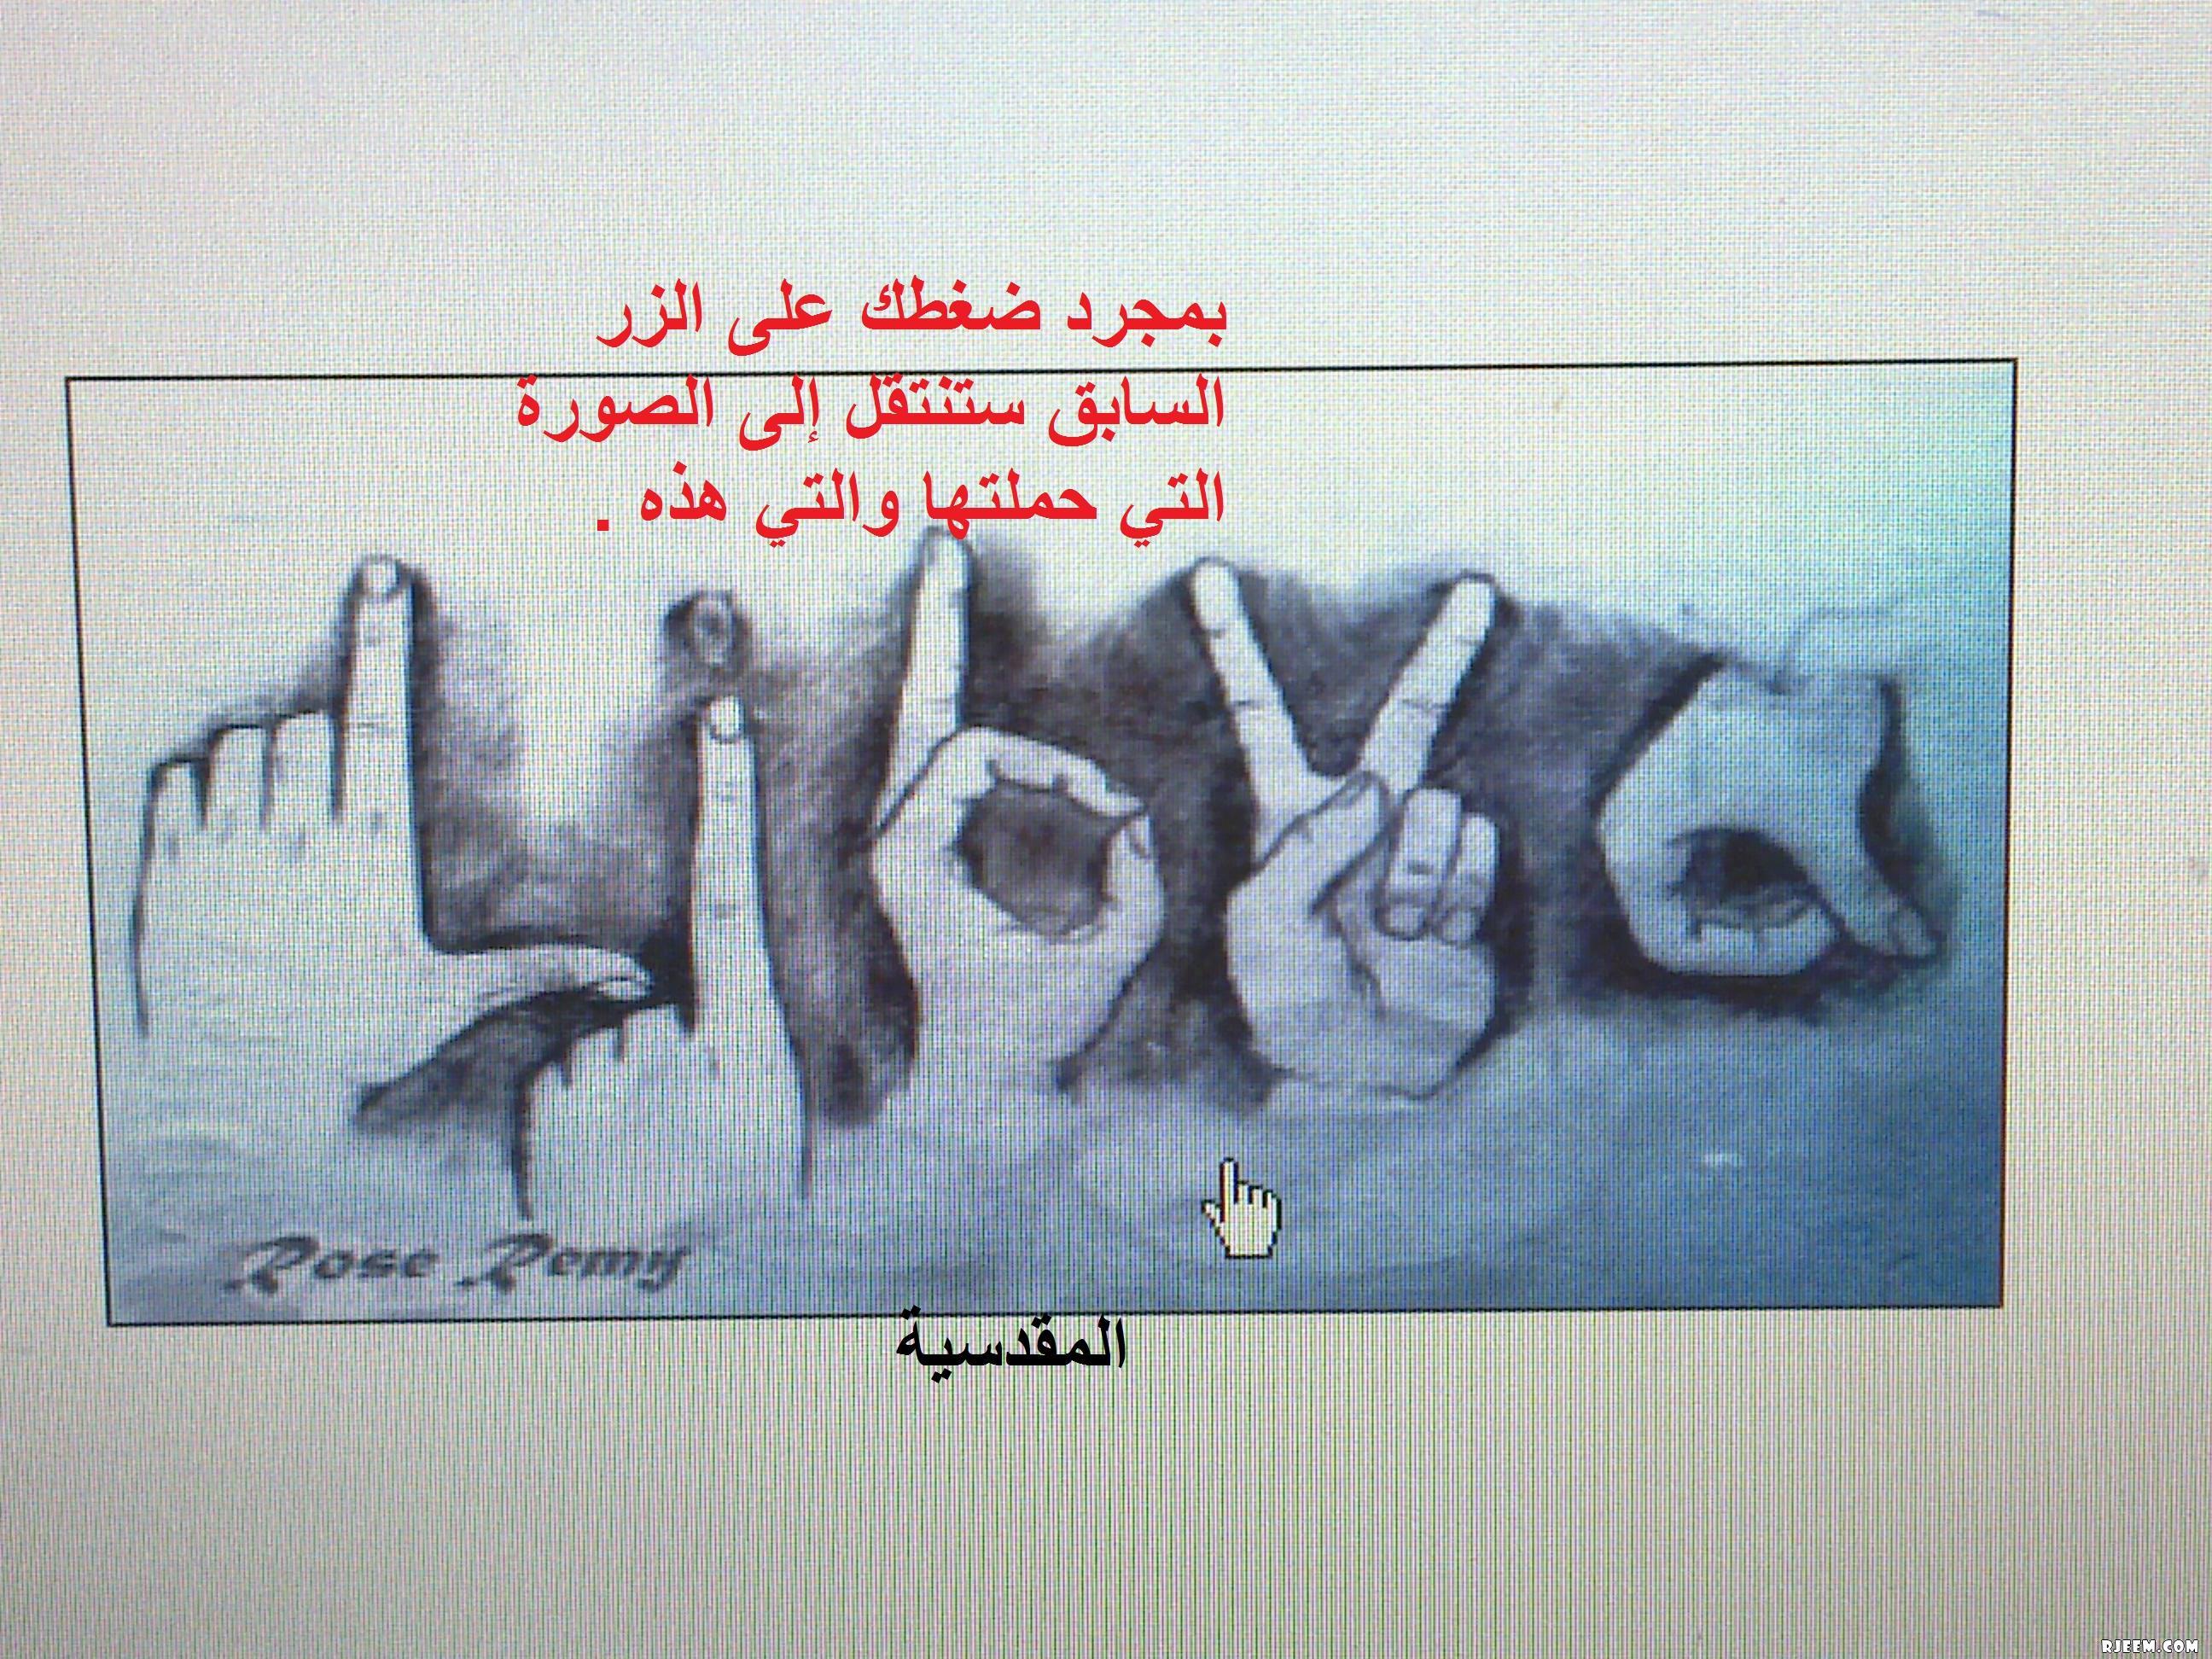 المقدسية 13399366521.jpg